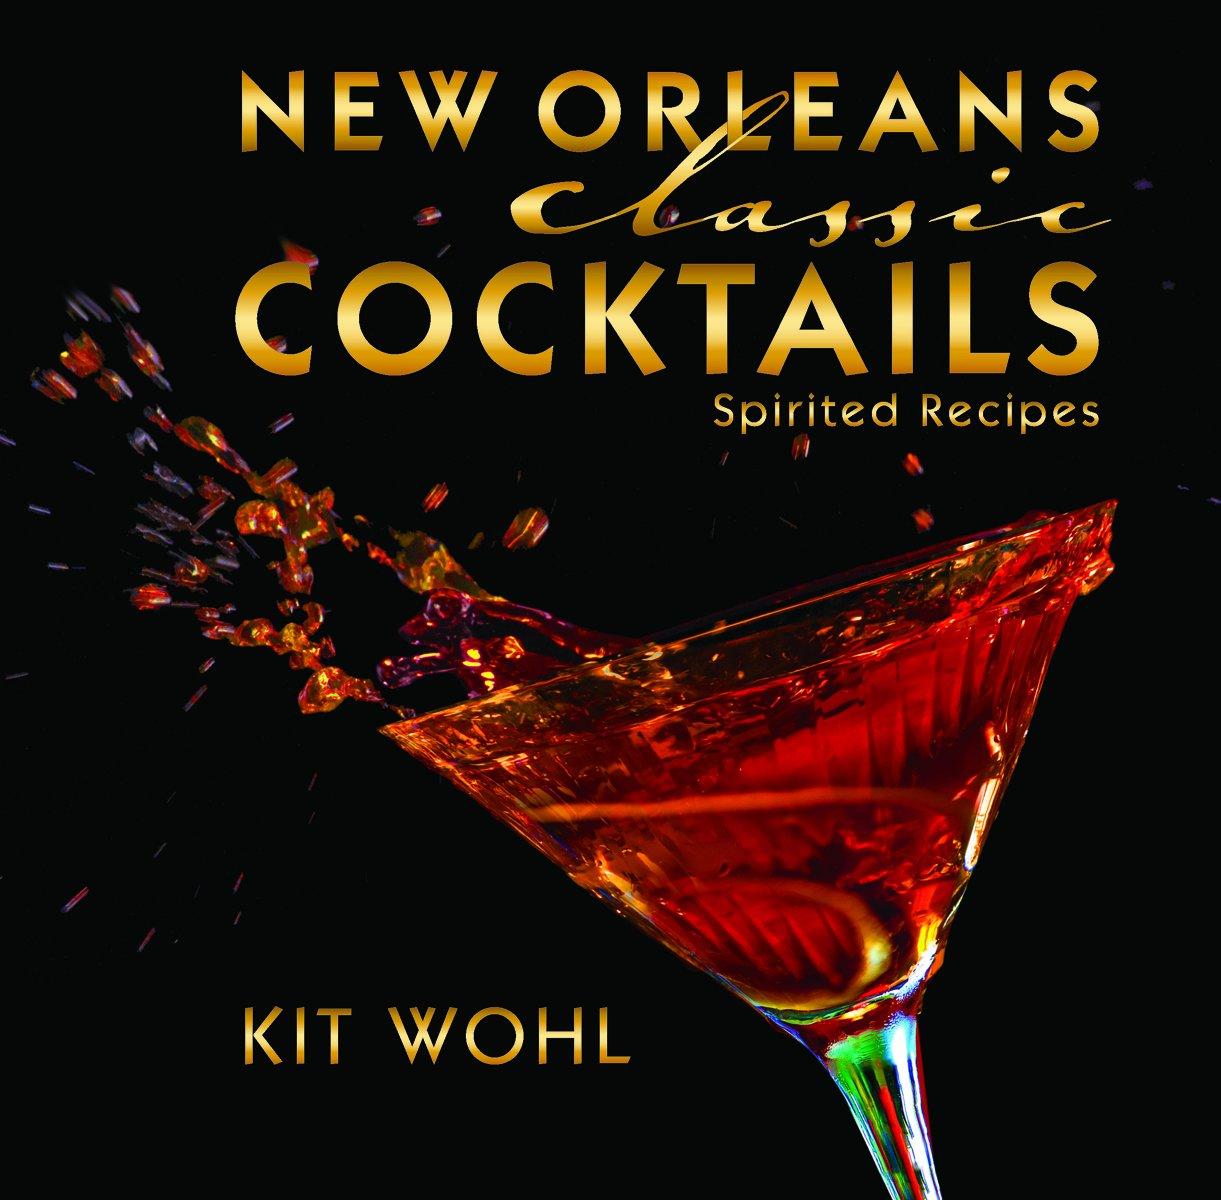 Image result for cocktails & spirited recipes book